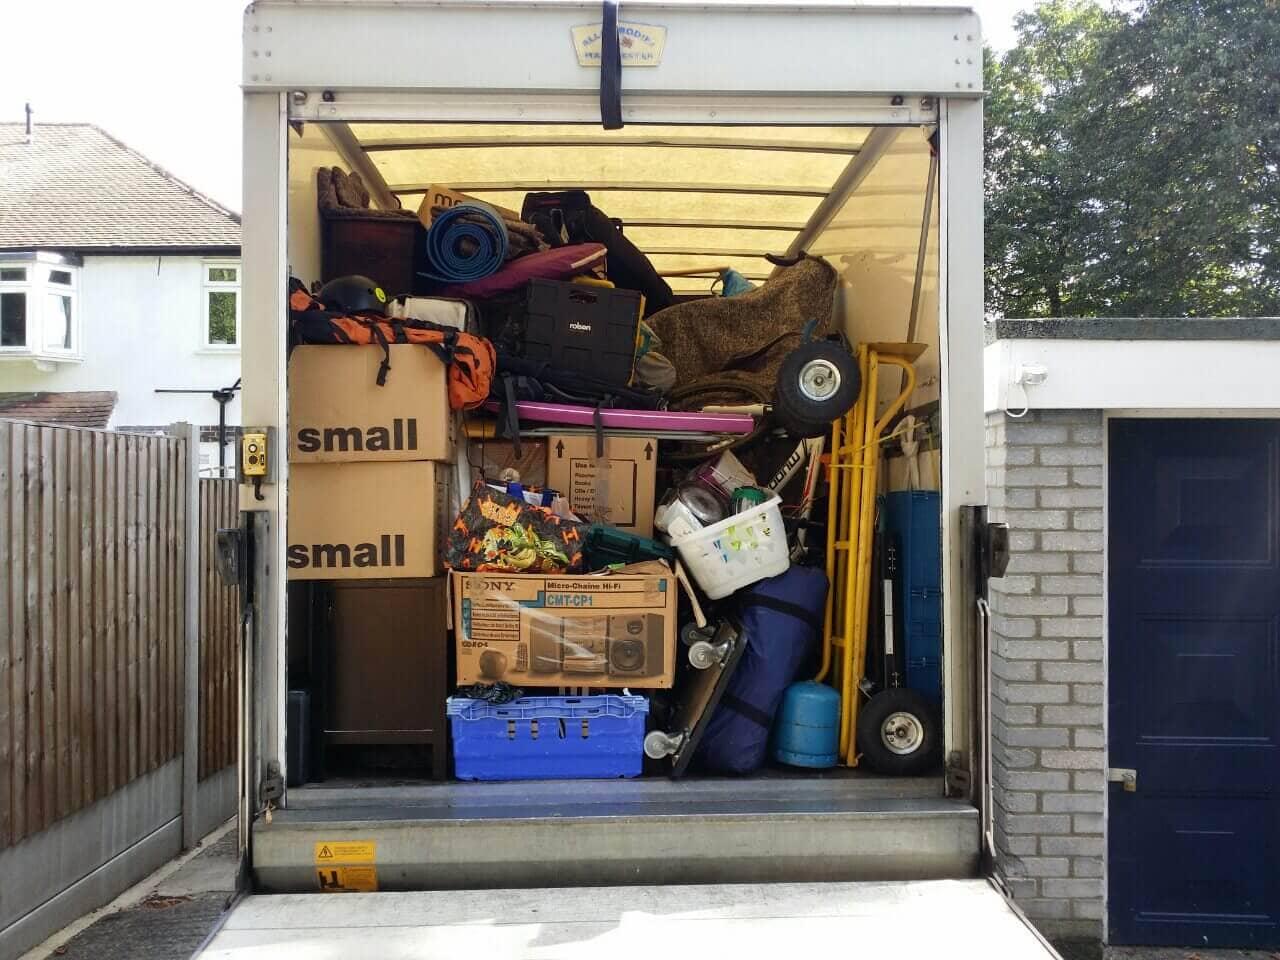 EN10 van for hire in Broxbourne